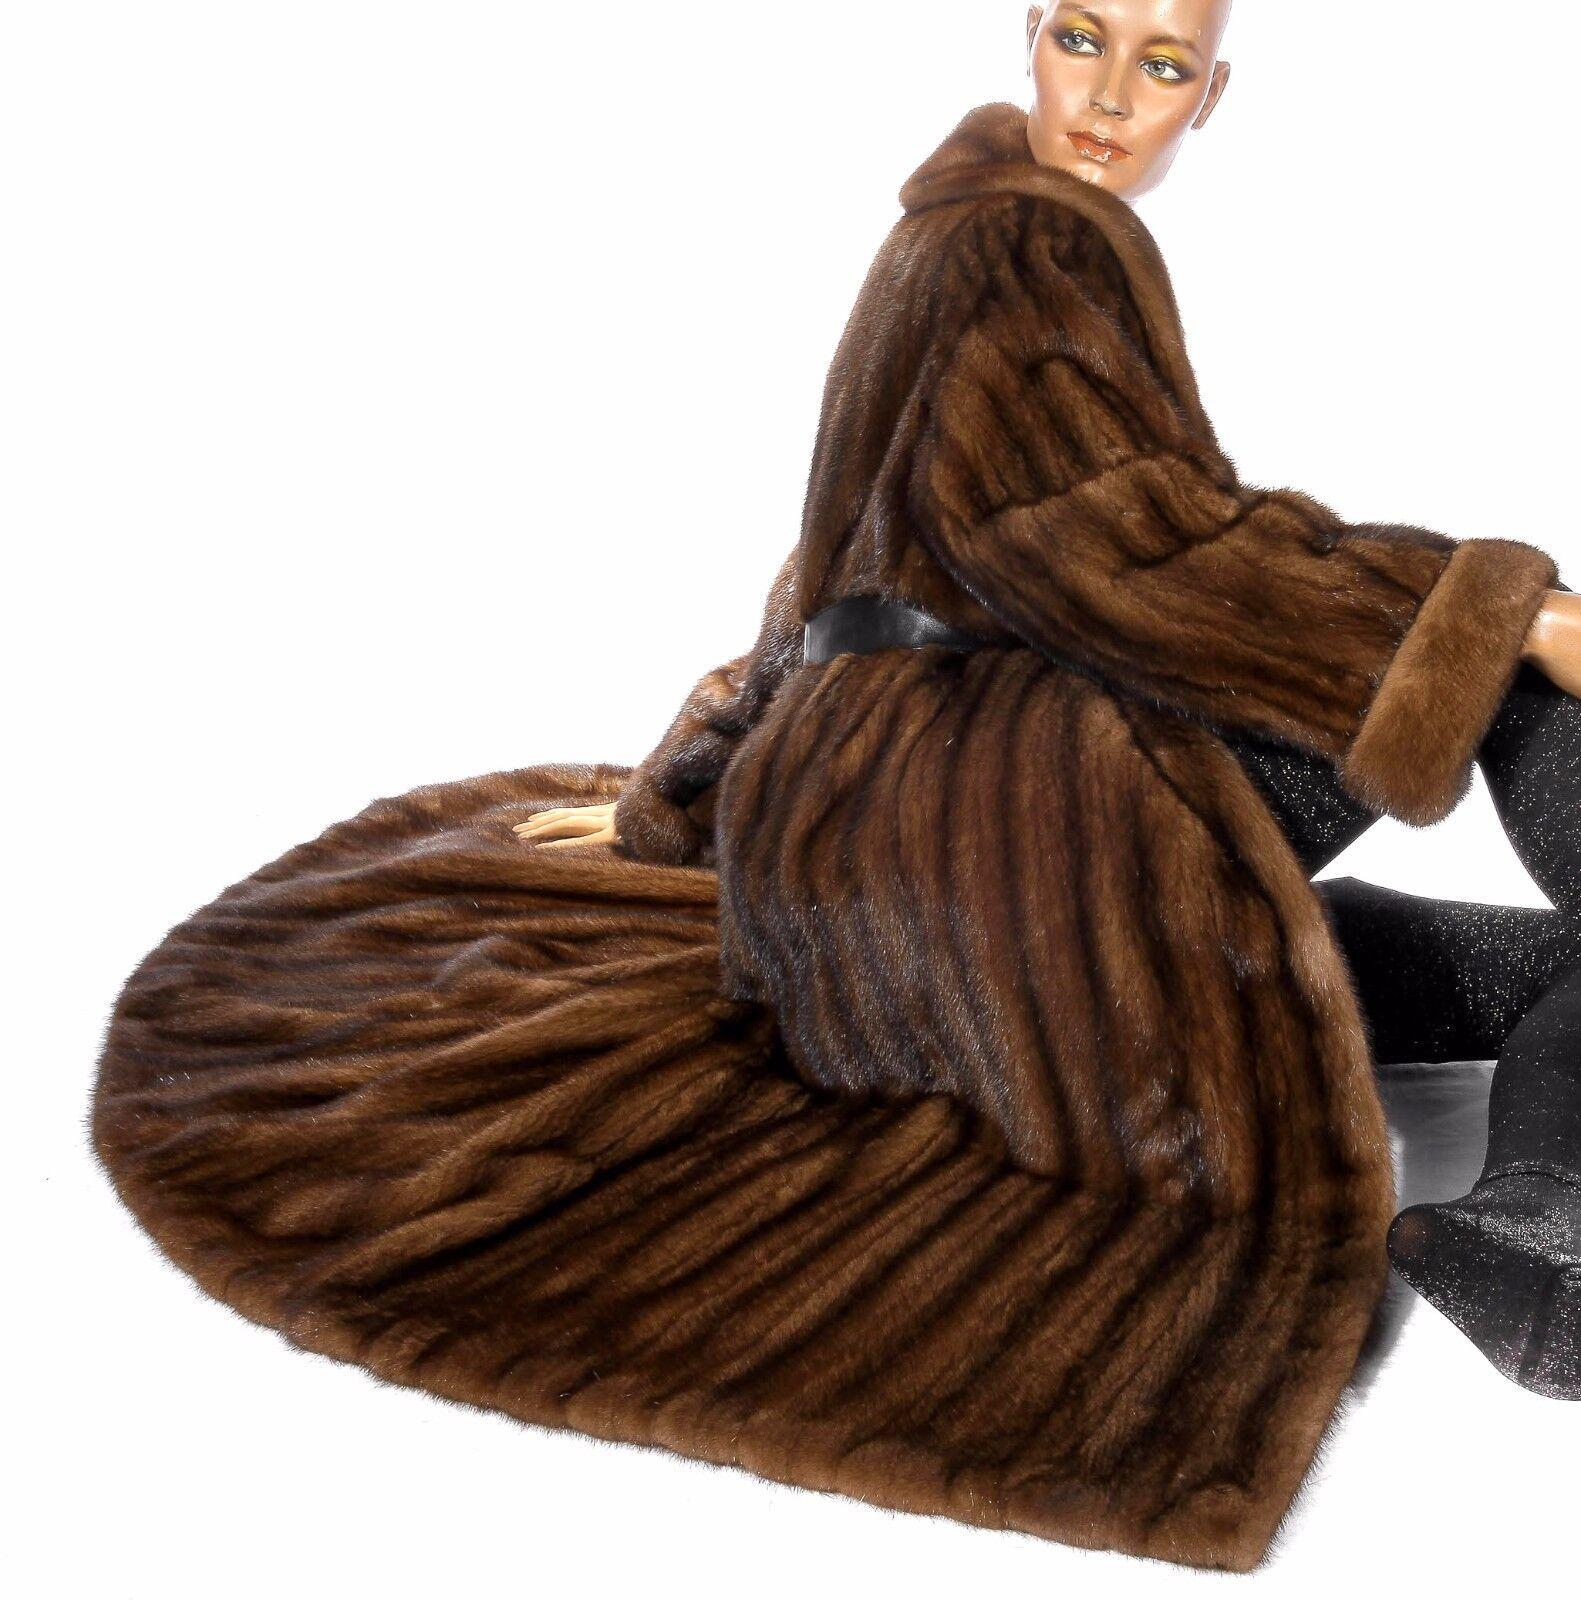 L - XL Wonderful hazel brown mink fur coat mantle Visone Soft Vintage Real fur